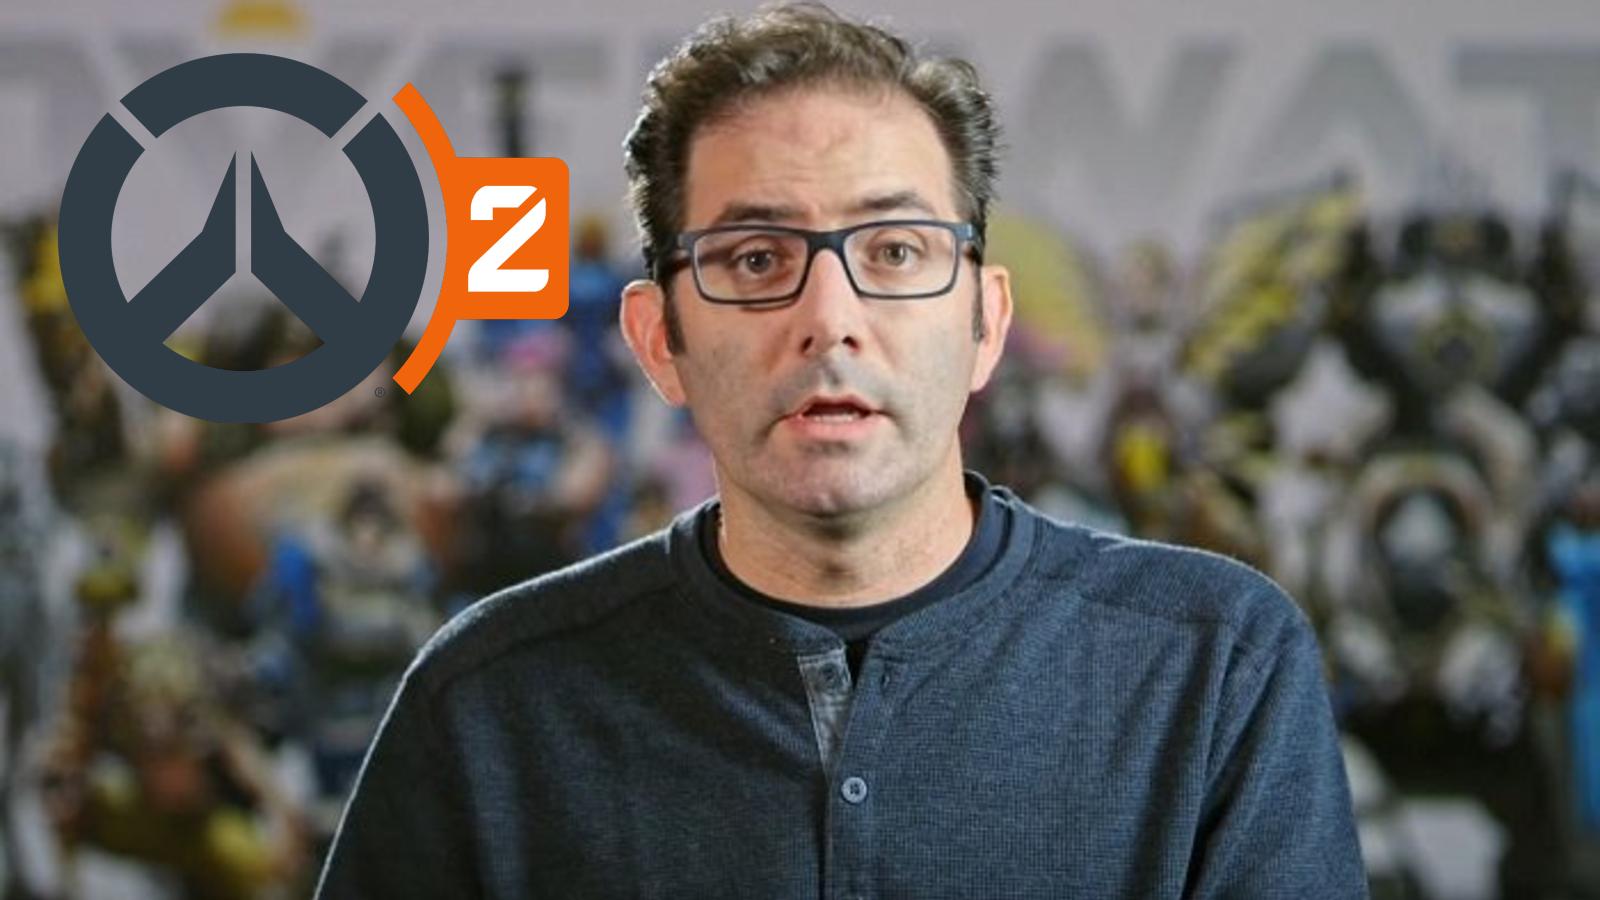 Jeff Kaplan responds to OW 2 delay